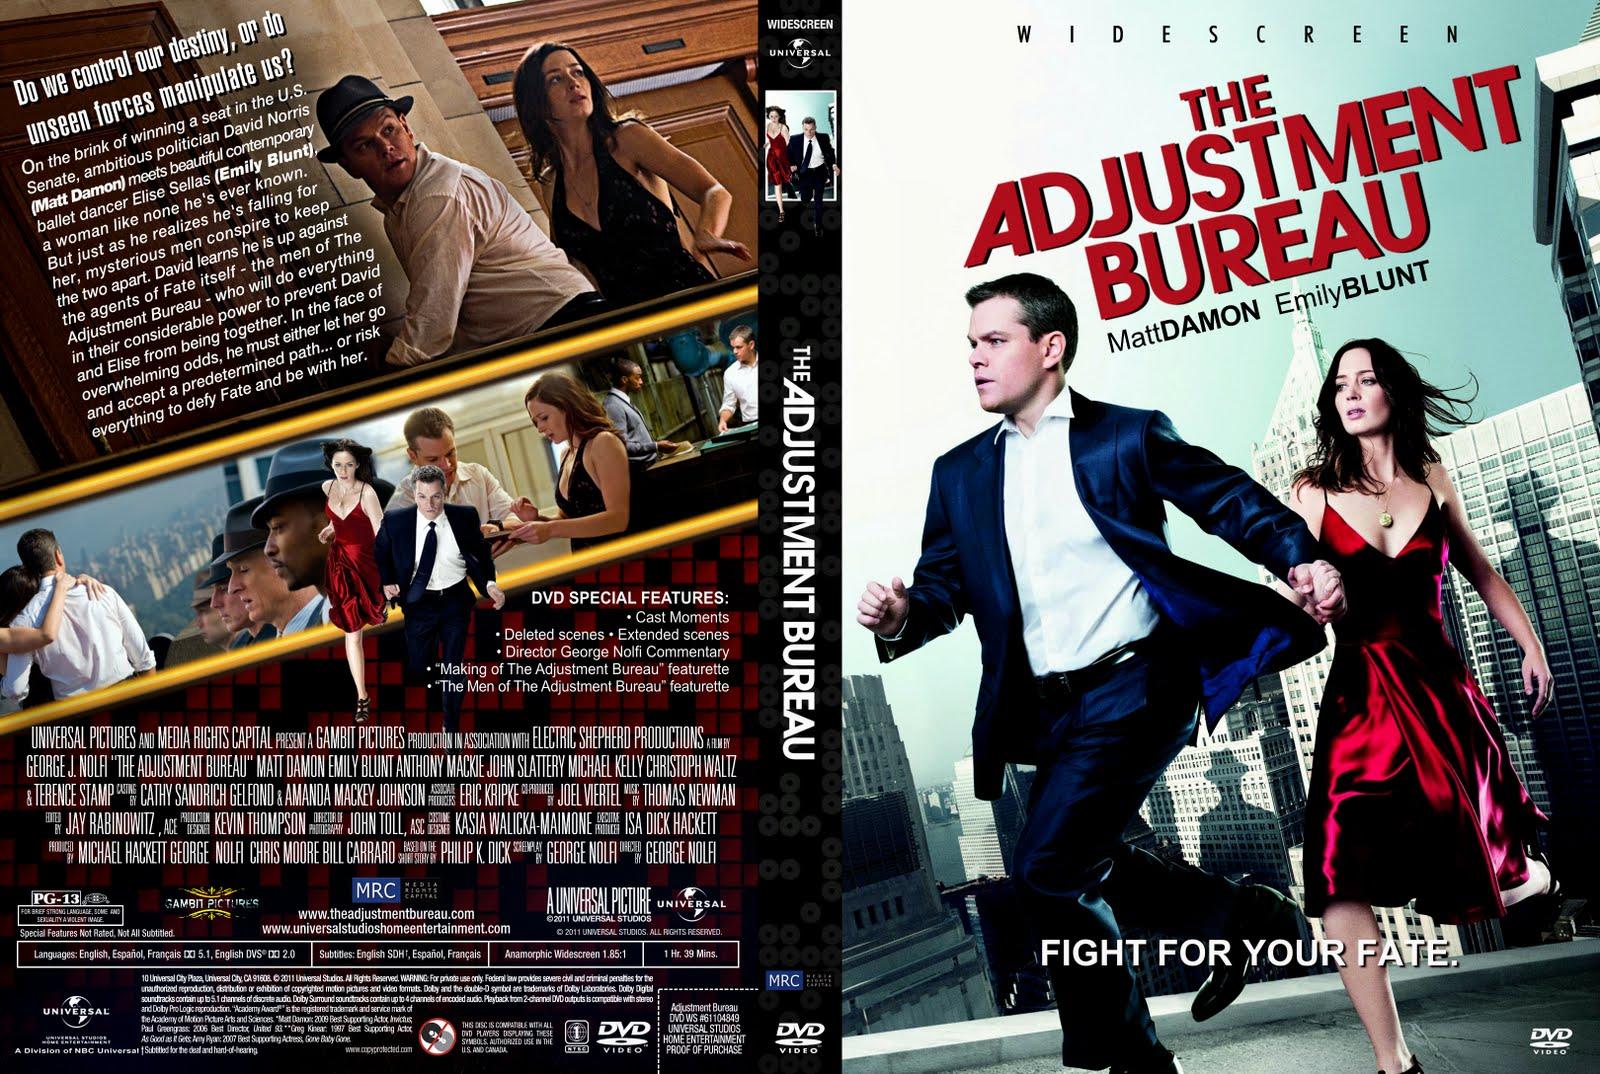 http://1.bp.blogspot.com/-RCPsRtCEiEg/TryRFmGMHSI/AAAAAAAAGjg/kEIU3Vx9qjM/s1600/The-Adjustment-Bureau-dvd-cover.jpg